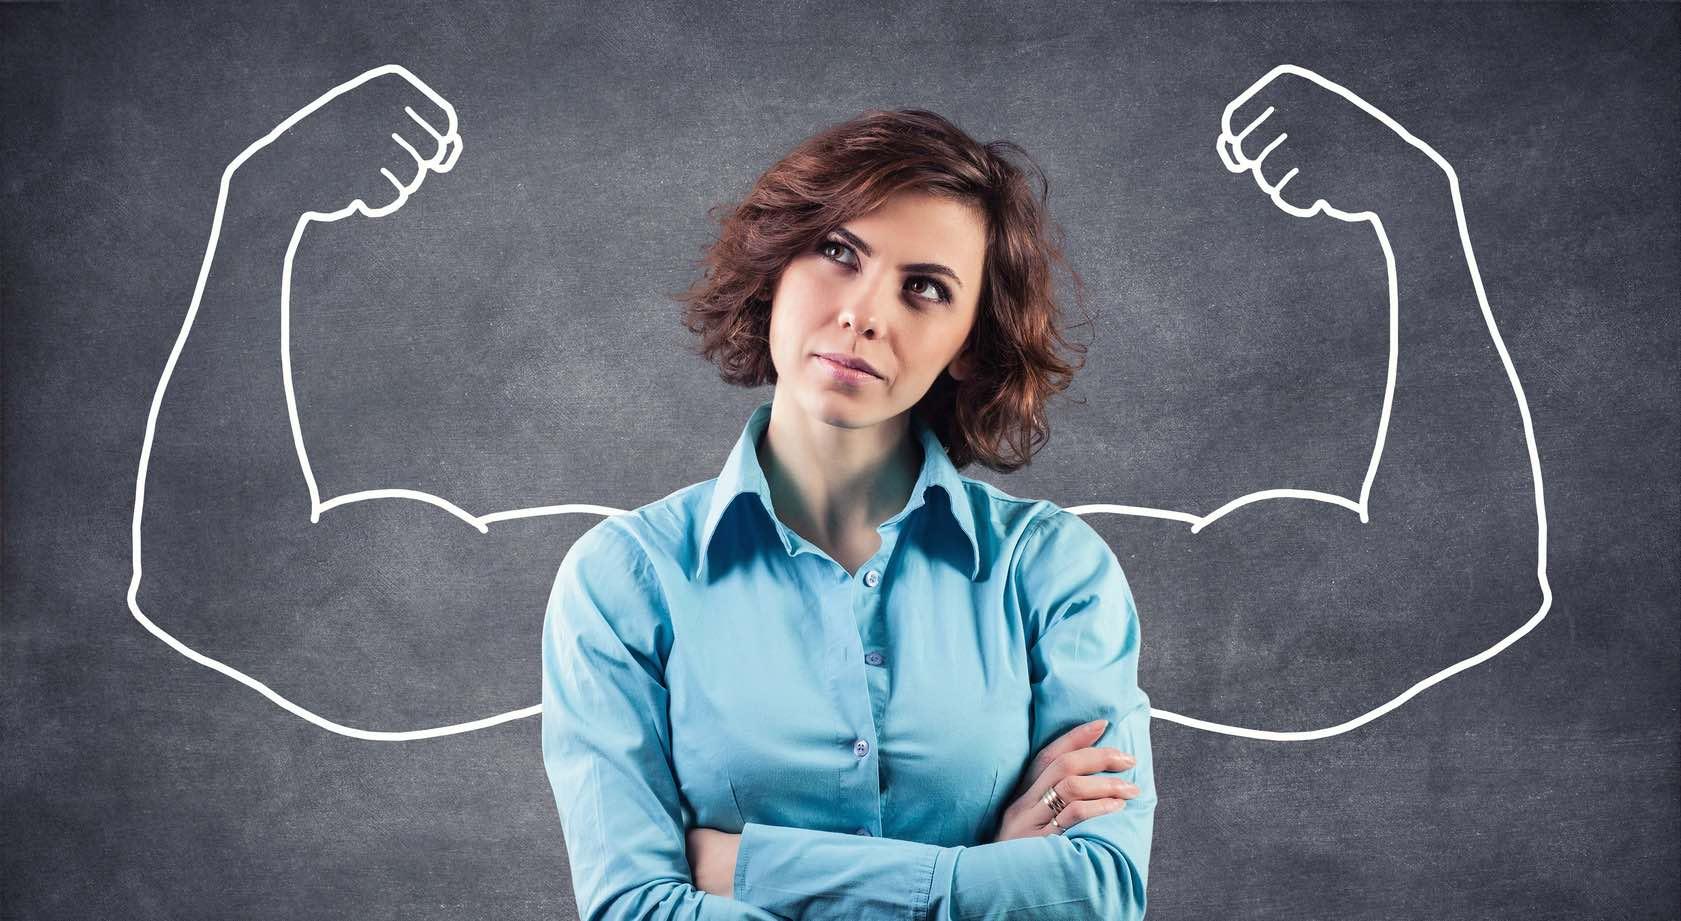 Mit gelungener Körpersprache zum Erfolg – ein Seminar speziell für Führungskräfte